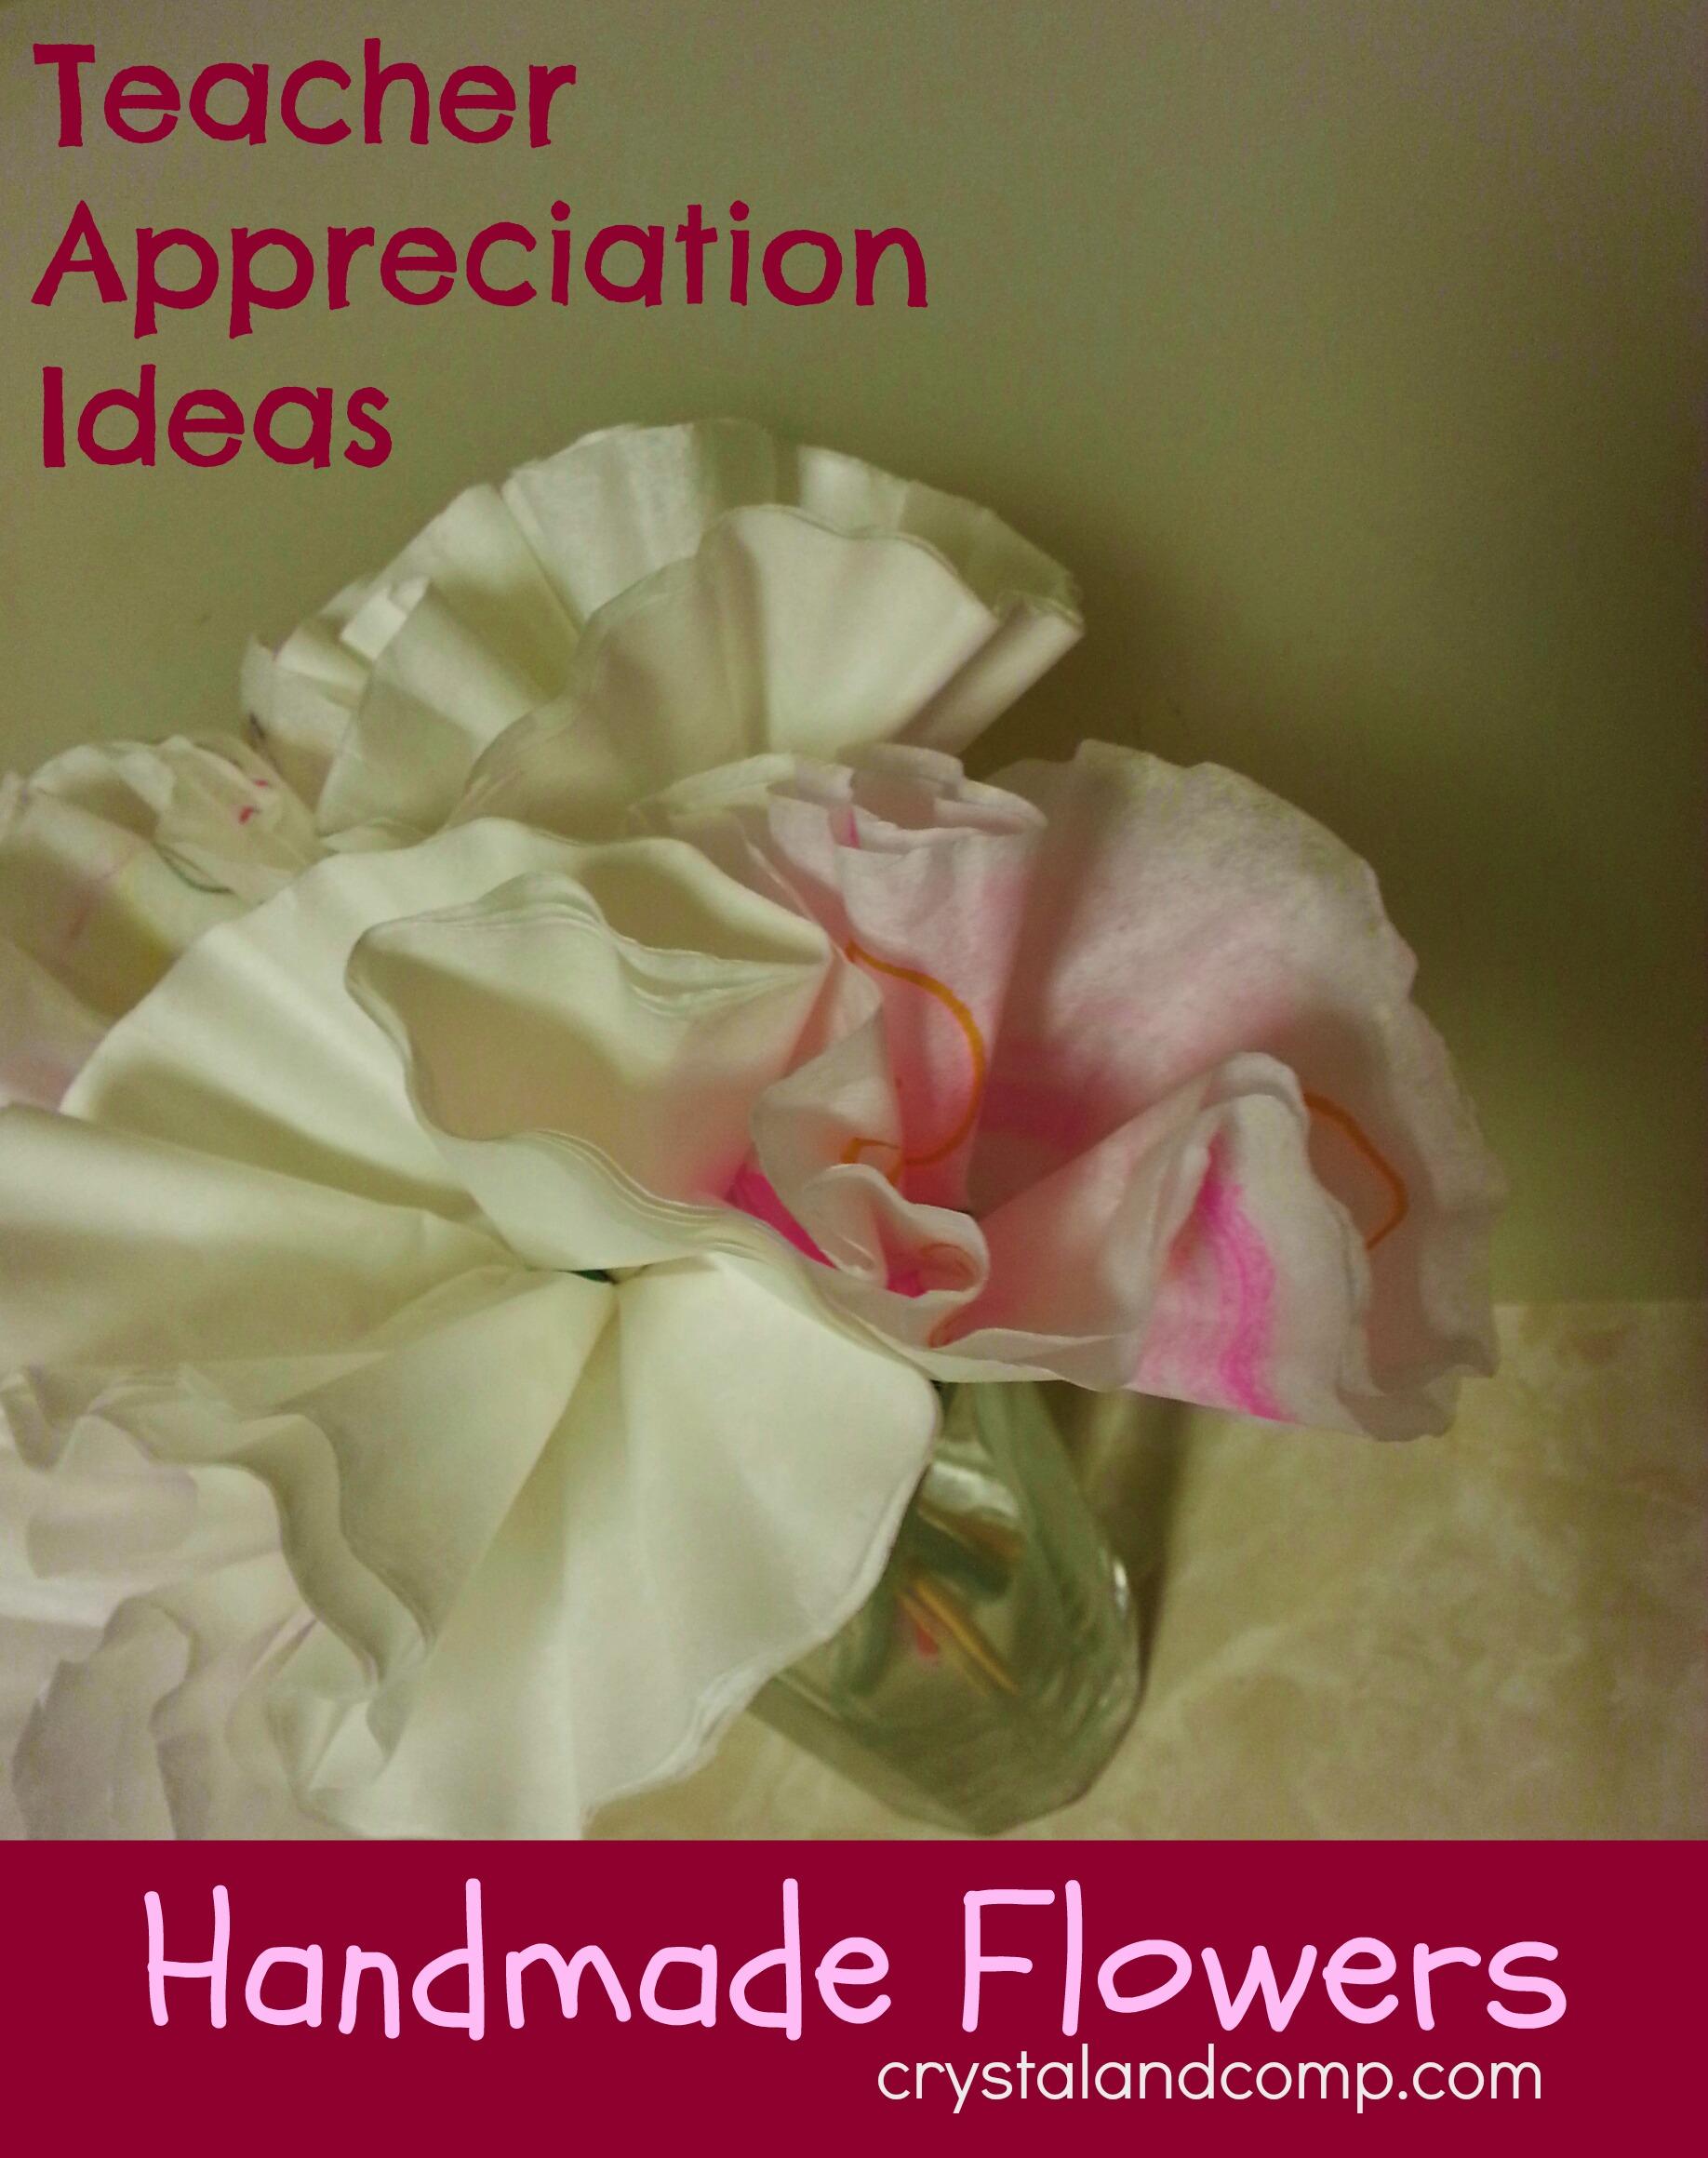 Teacher Appreciation Flower Ideas